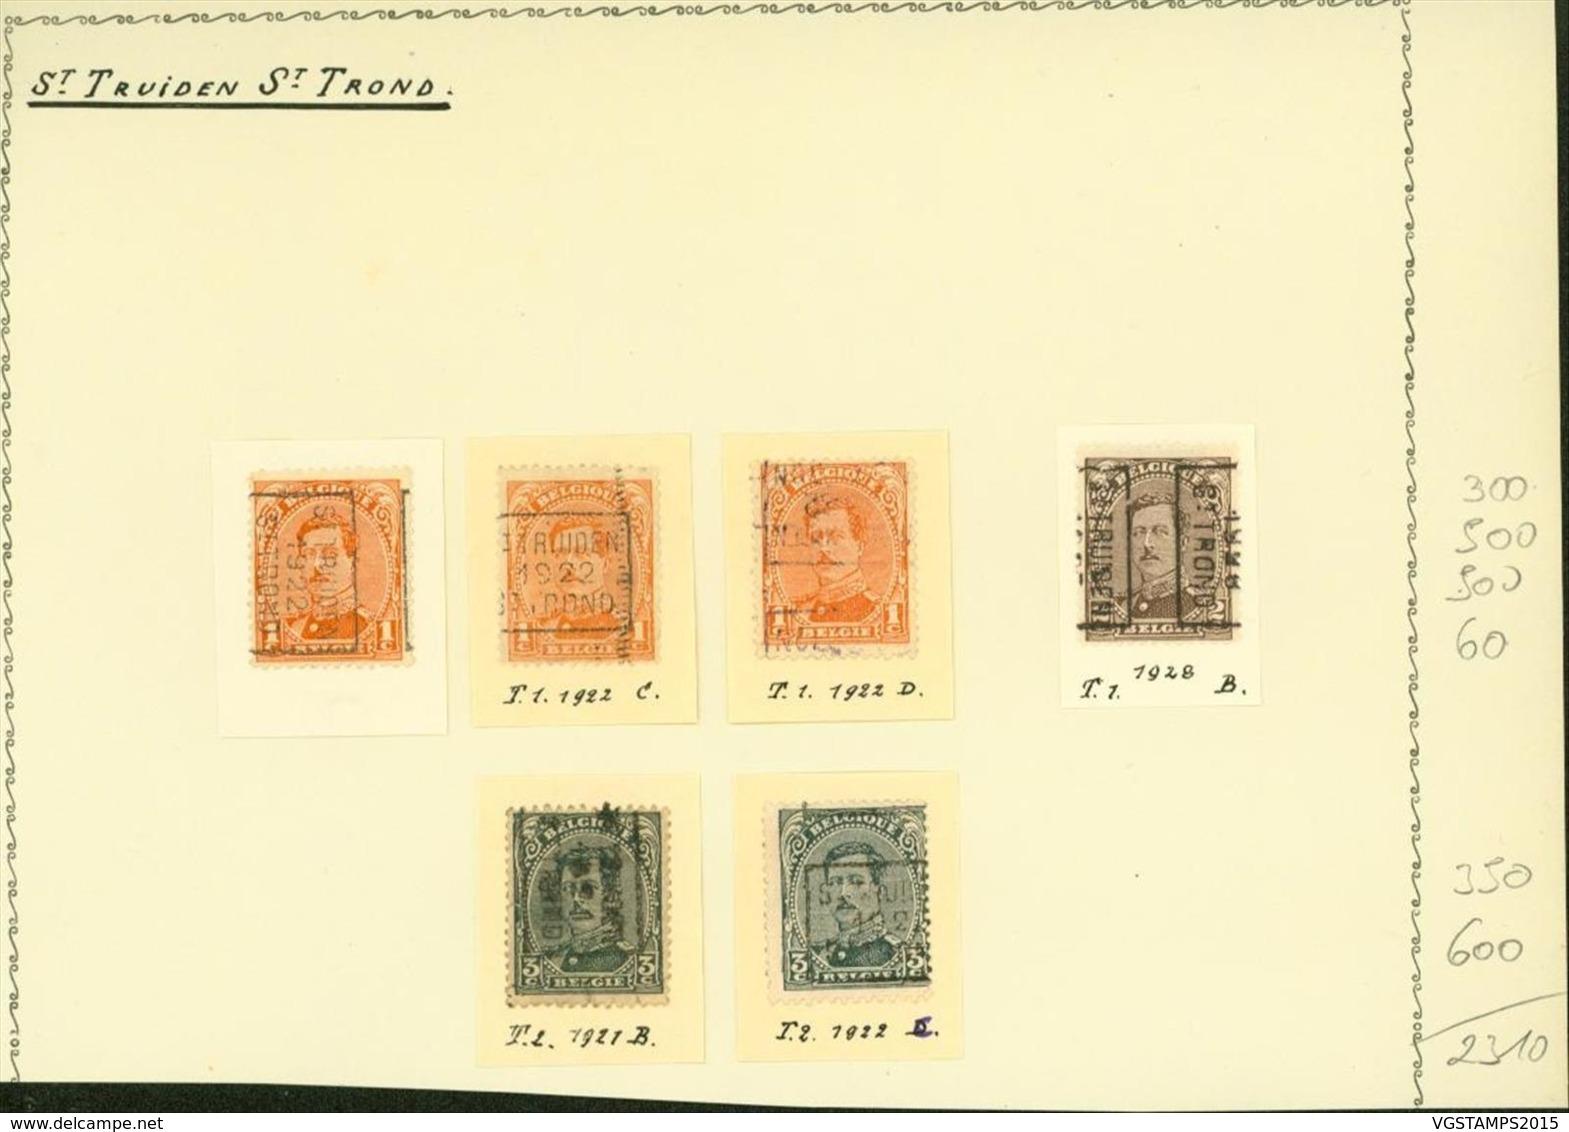 BELGIQUE PREOS ST TROND 1-2-3C 1921-1928 POS A,B,C,D VAL CAT 2310 FB MONTE SUR FEUILLE (DD) DC-3336 - Precancels